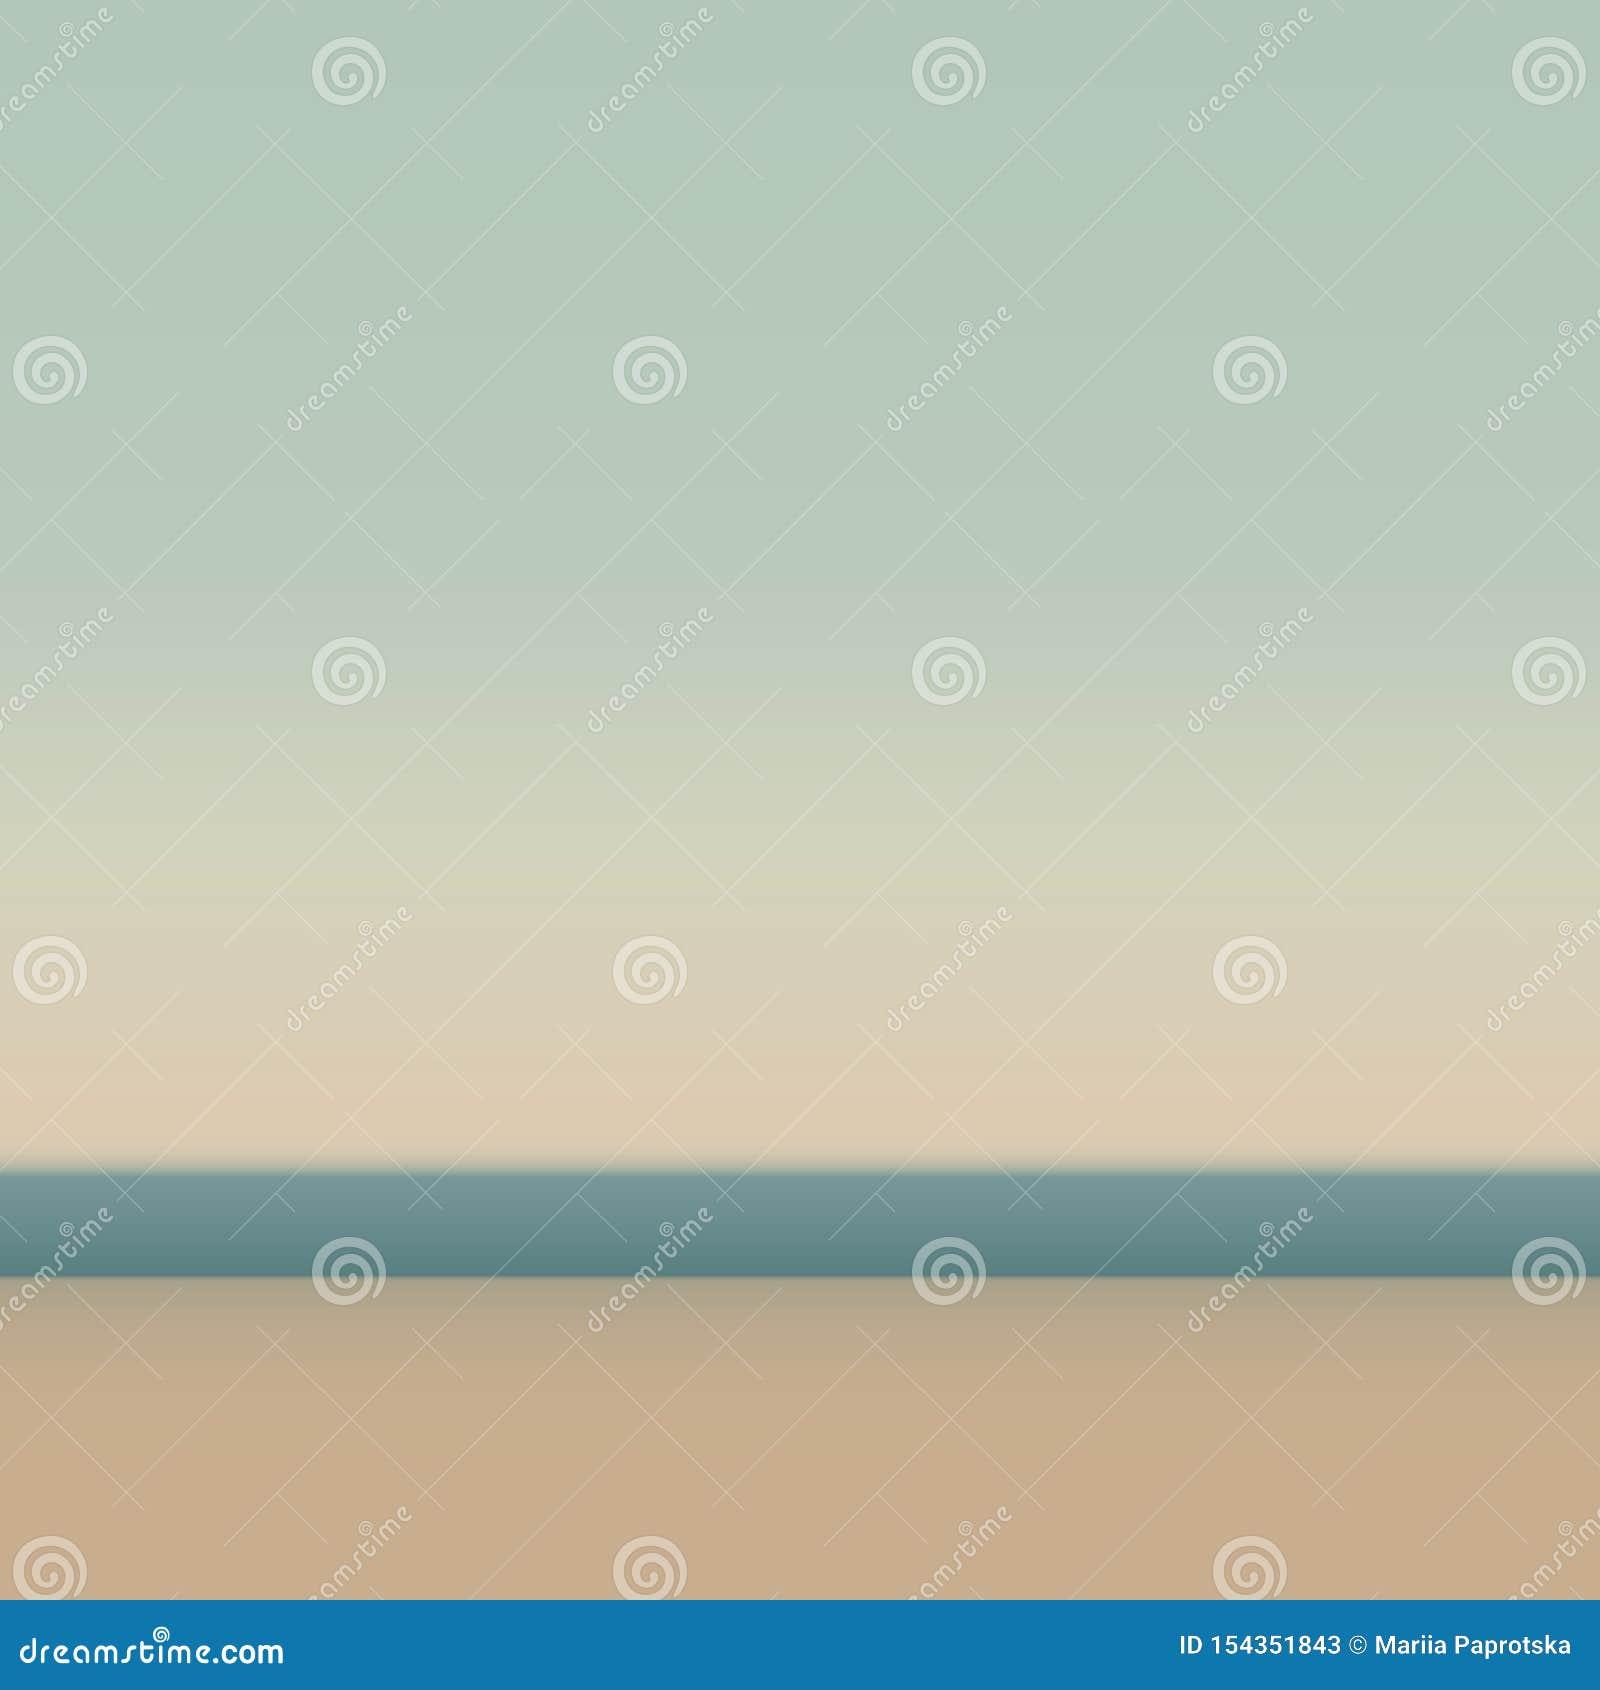 Красивый песчаный пляж Абстрактная предпосылка для сети и мобильных применений, иллюстрации искусства, дизайна шаблона, дела